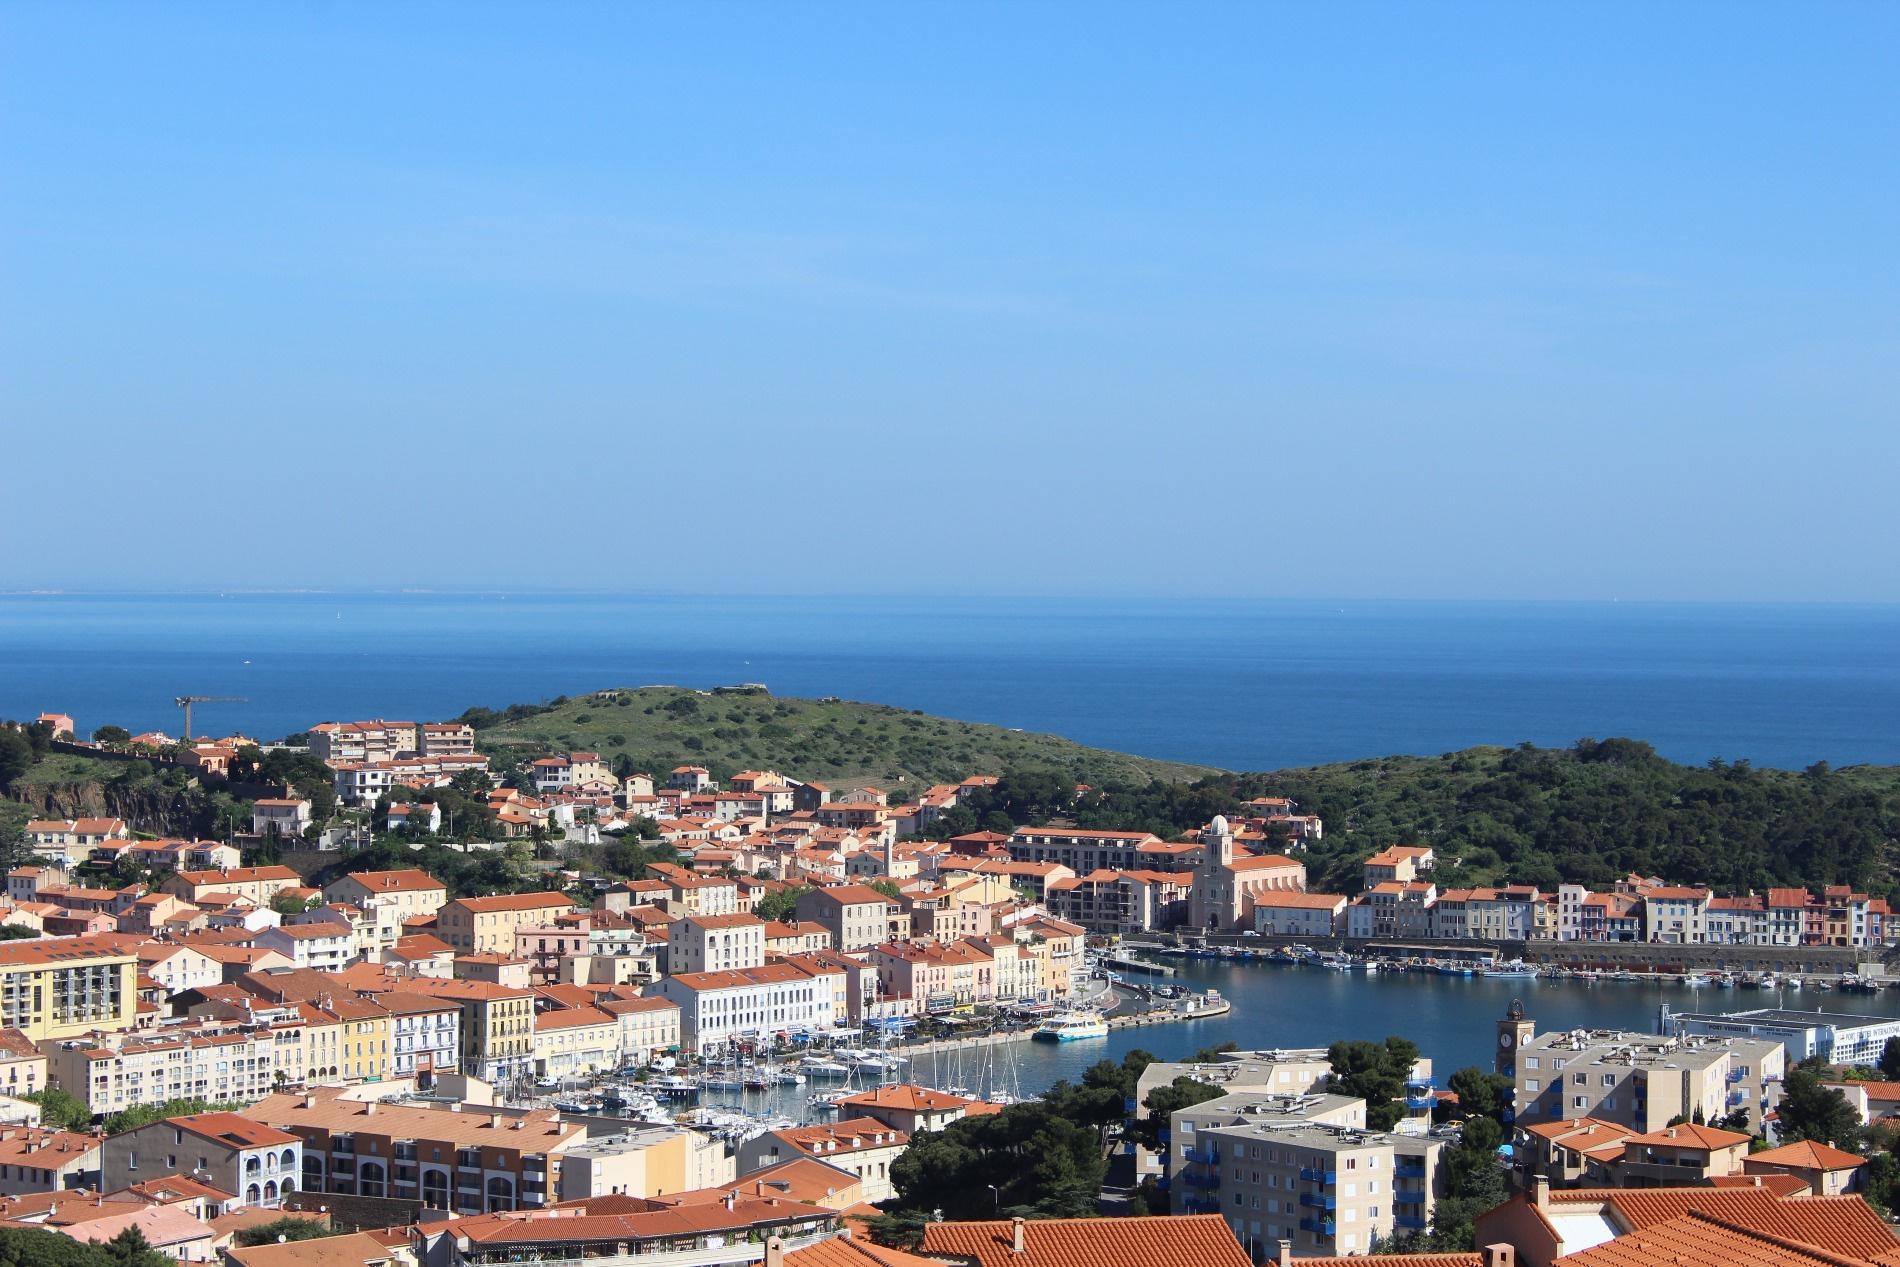 Vente port vendres 194m villa maison 3 chambres garage - Maison de retraite la castellane port vendres ...